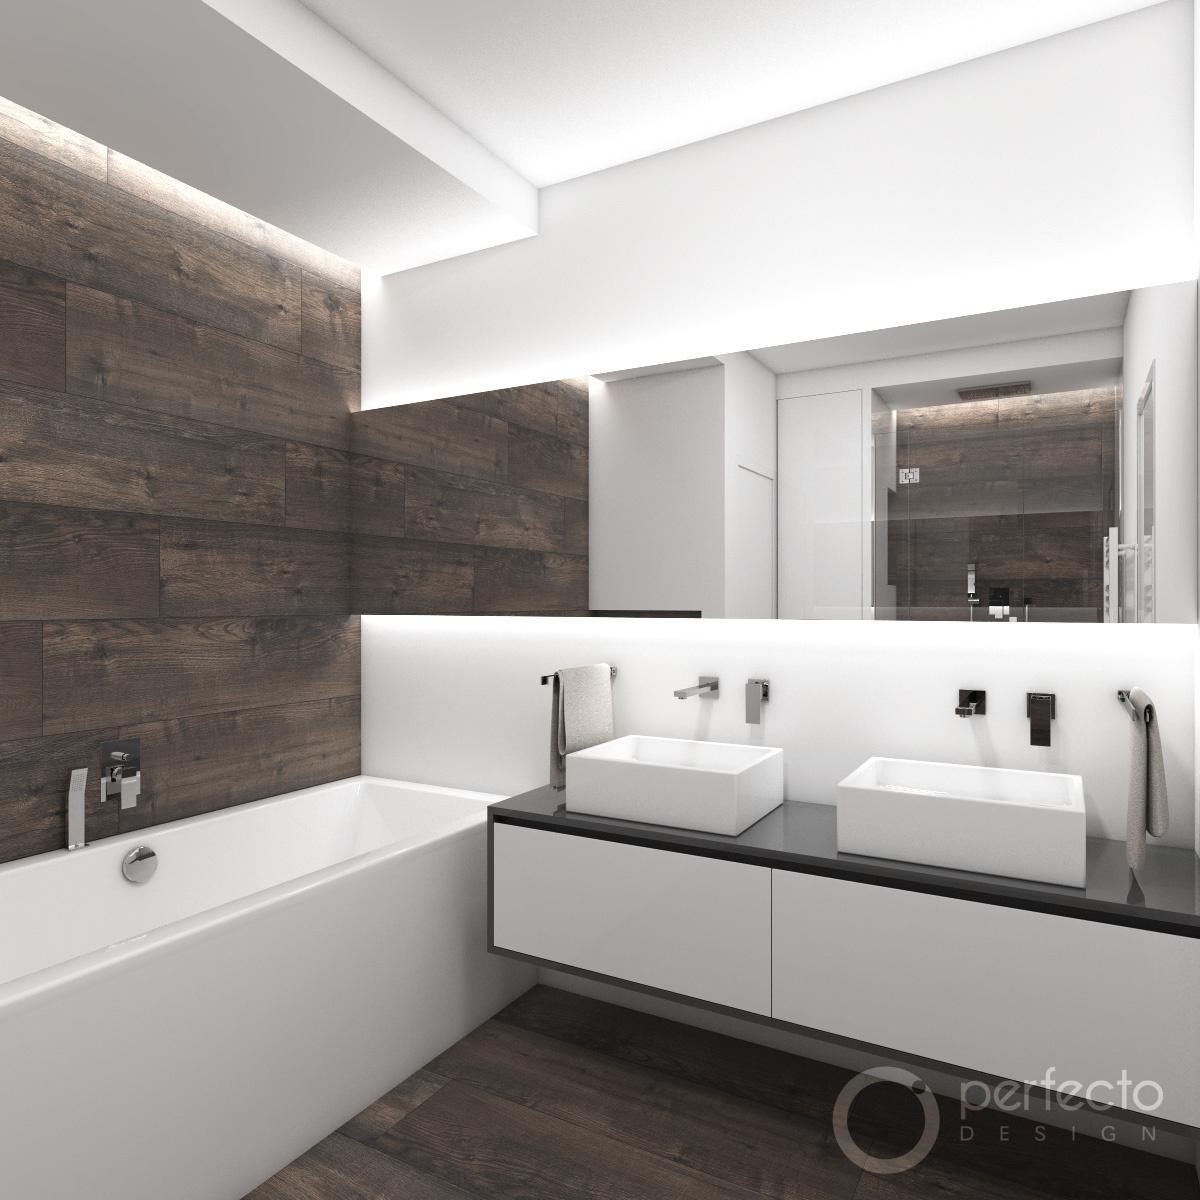 Grundriss badezimmer modern luxus badezimmer badezimmer luxus modern